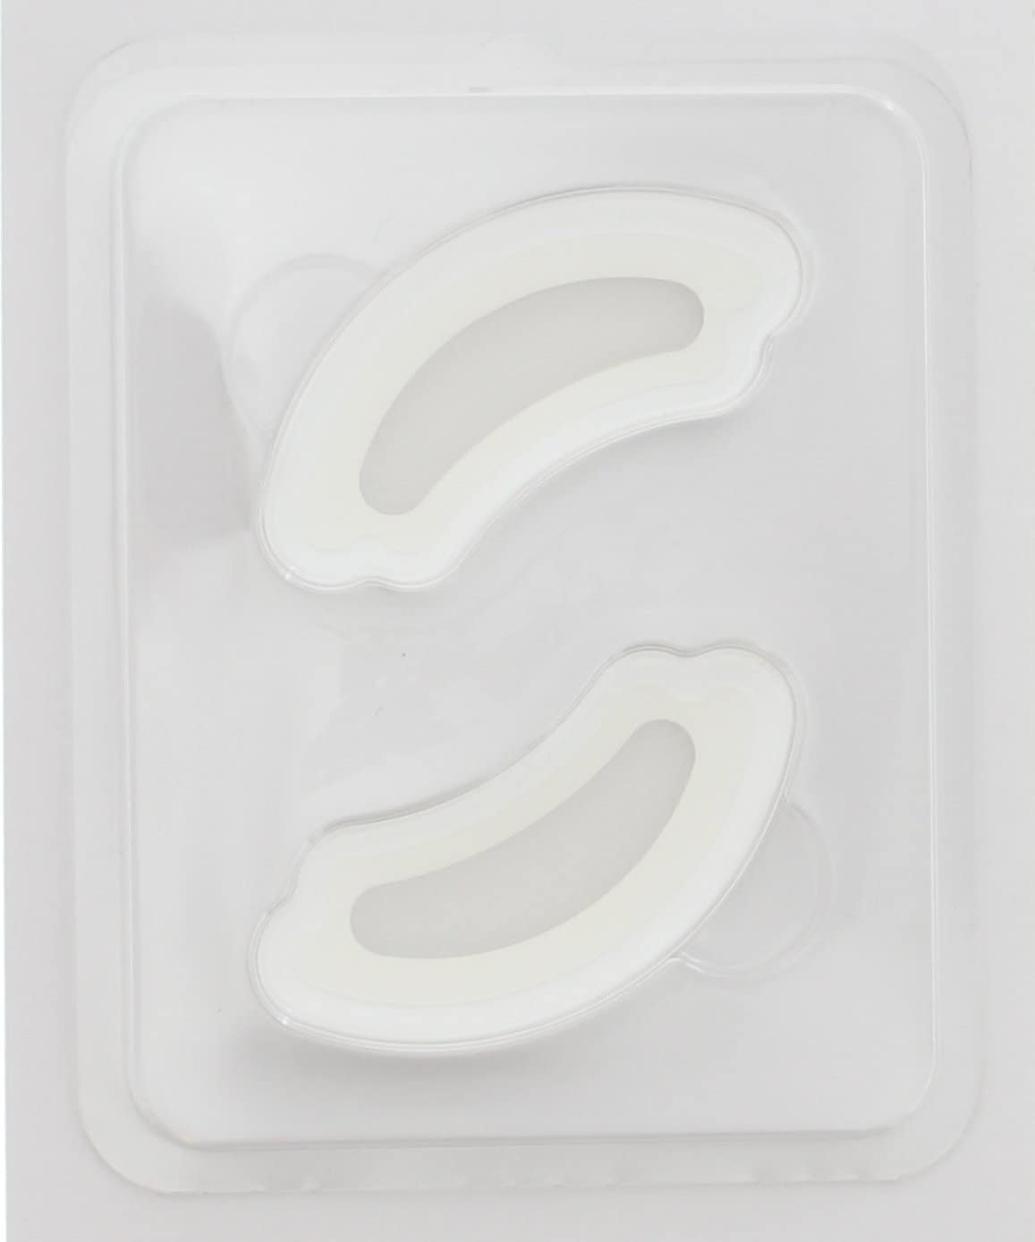 Spa treatment(スパトリートメント) i マイクロパッチの商品画像4